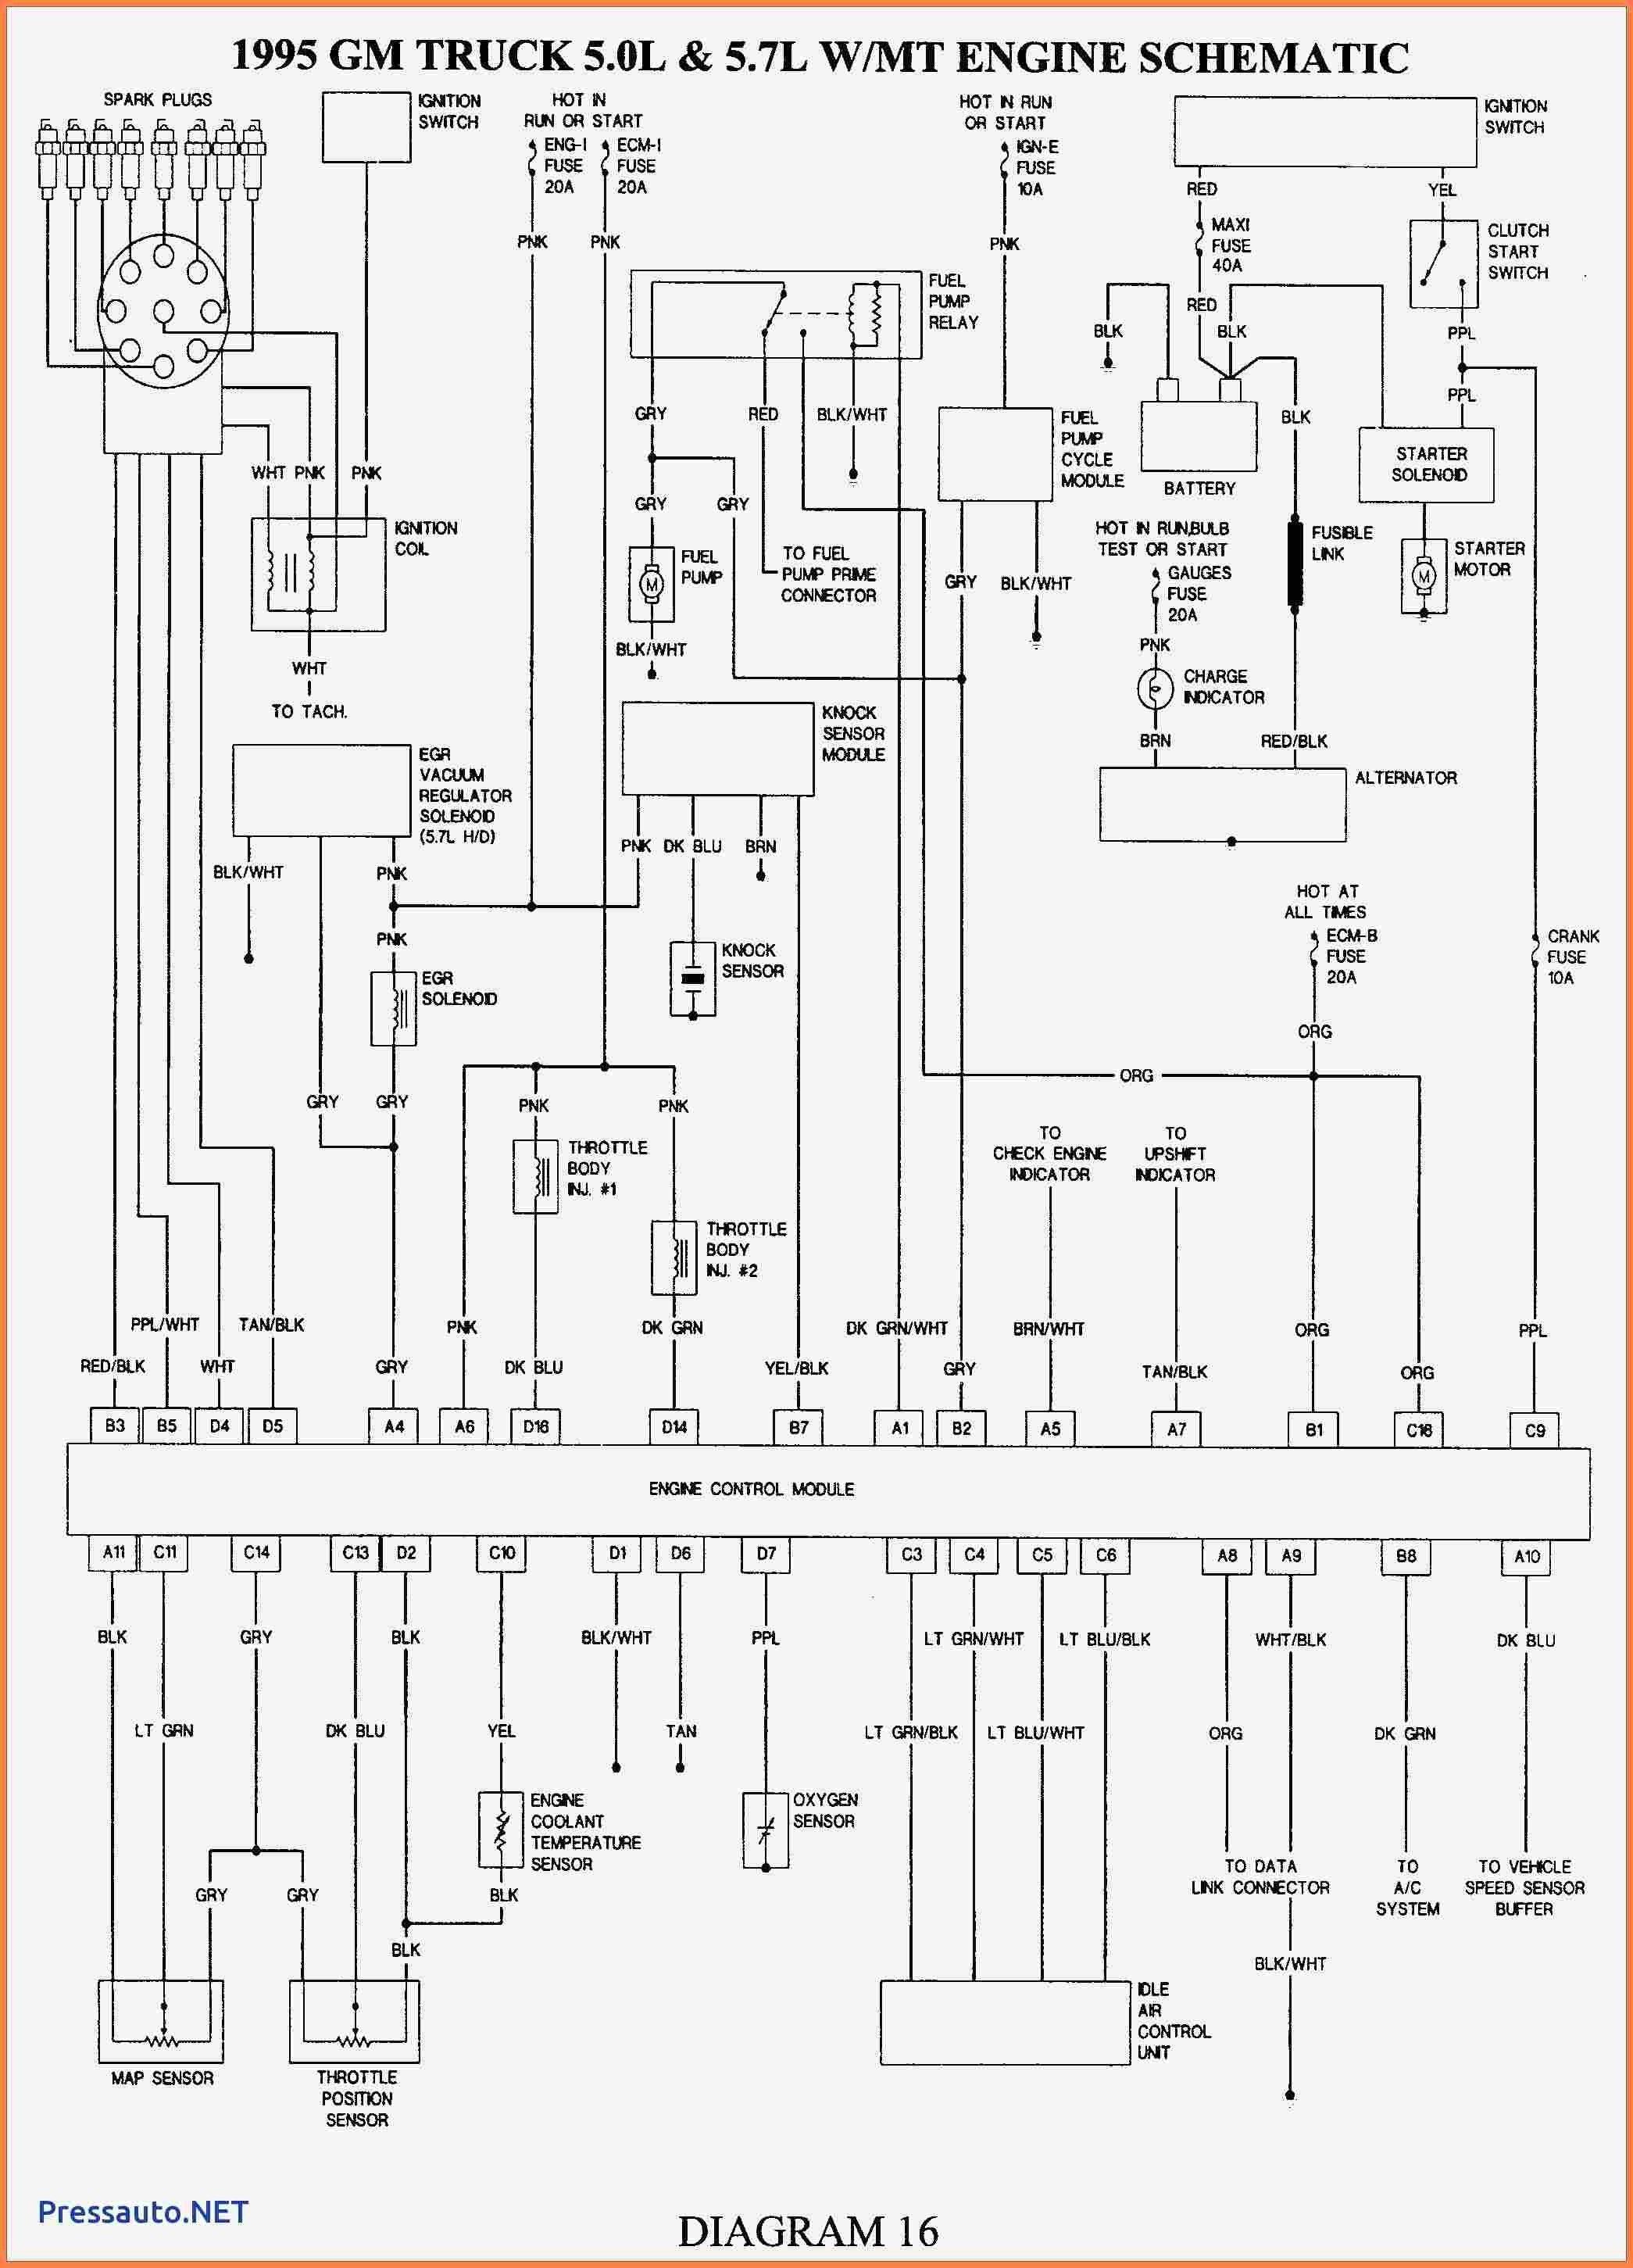 2003 Chevy Silverado Engine Diagram